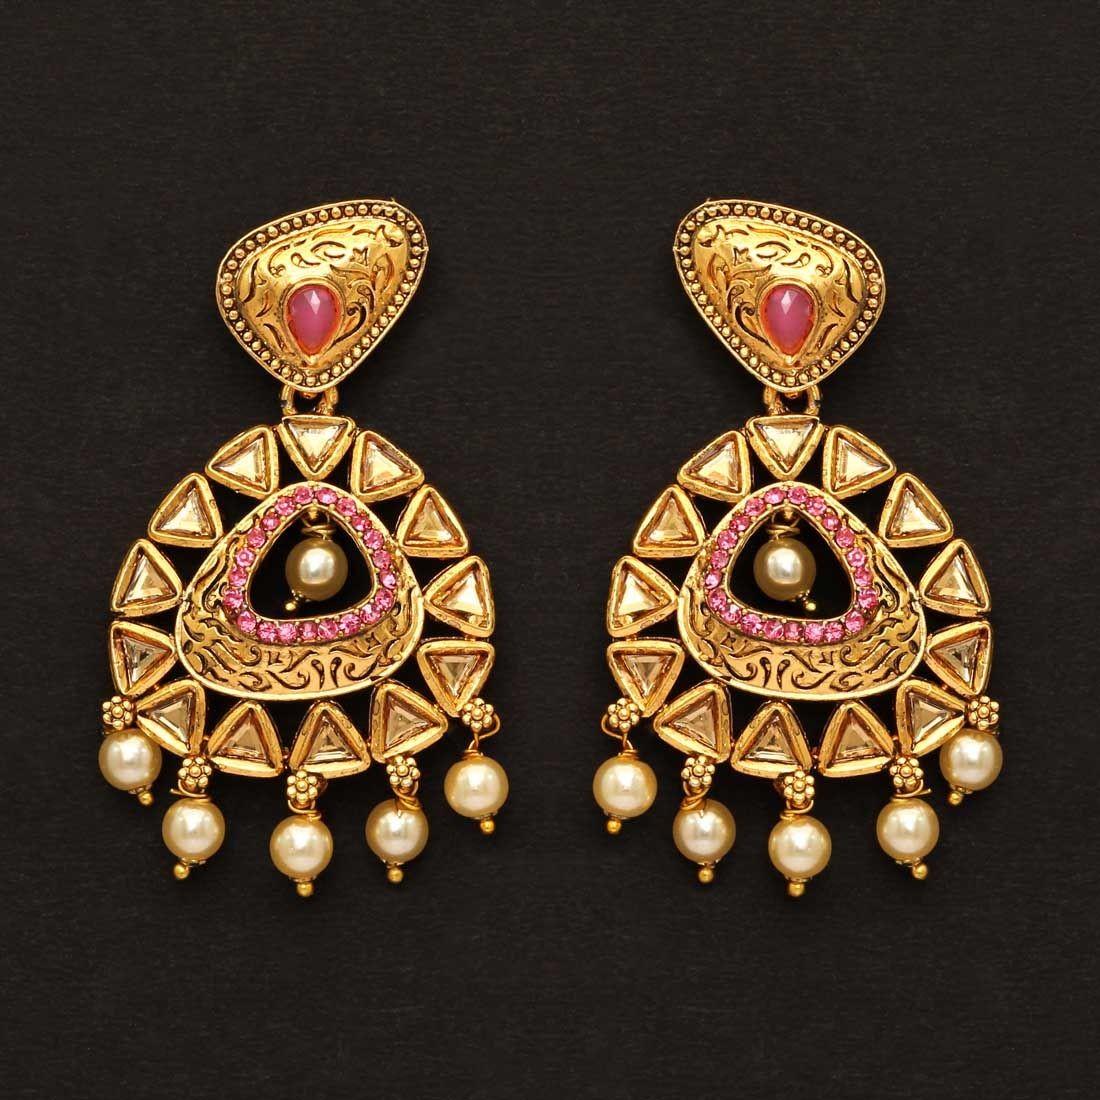 Pendientes dorados con perlas piedras rosas